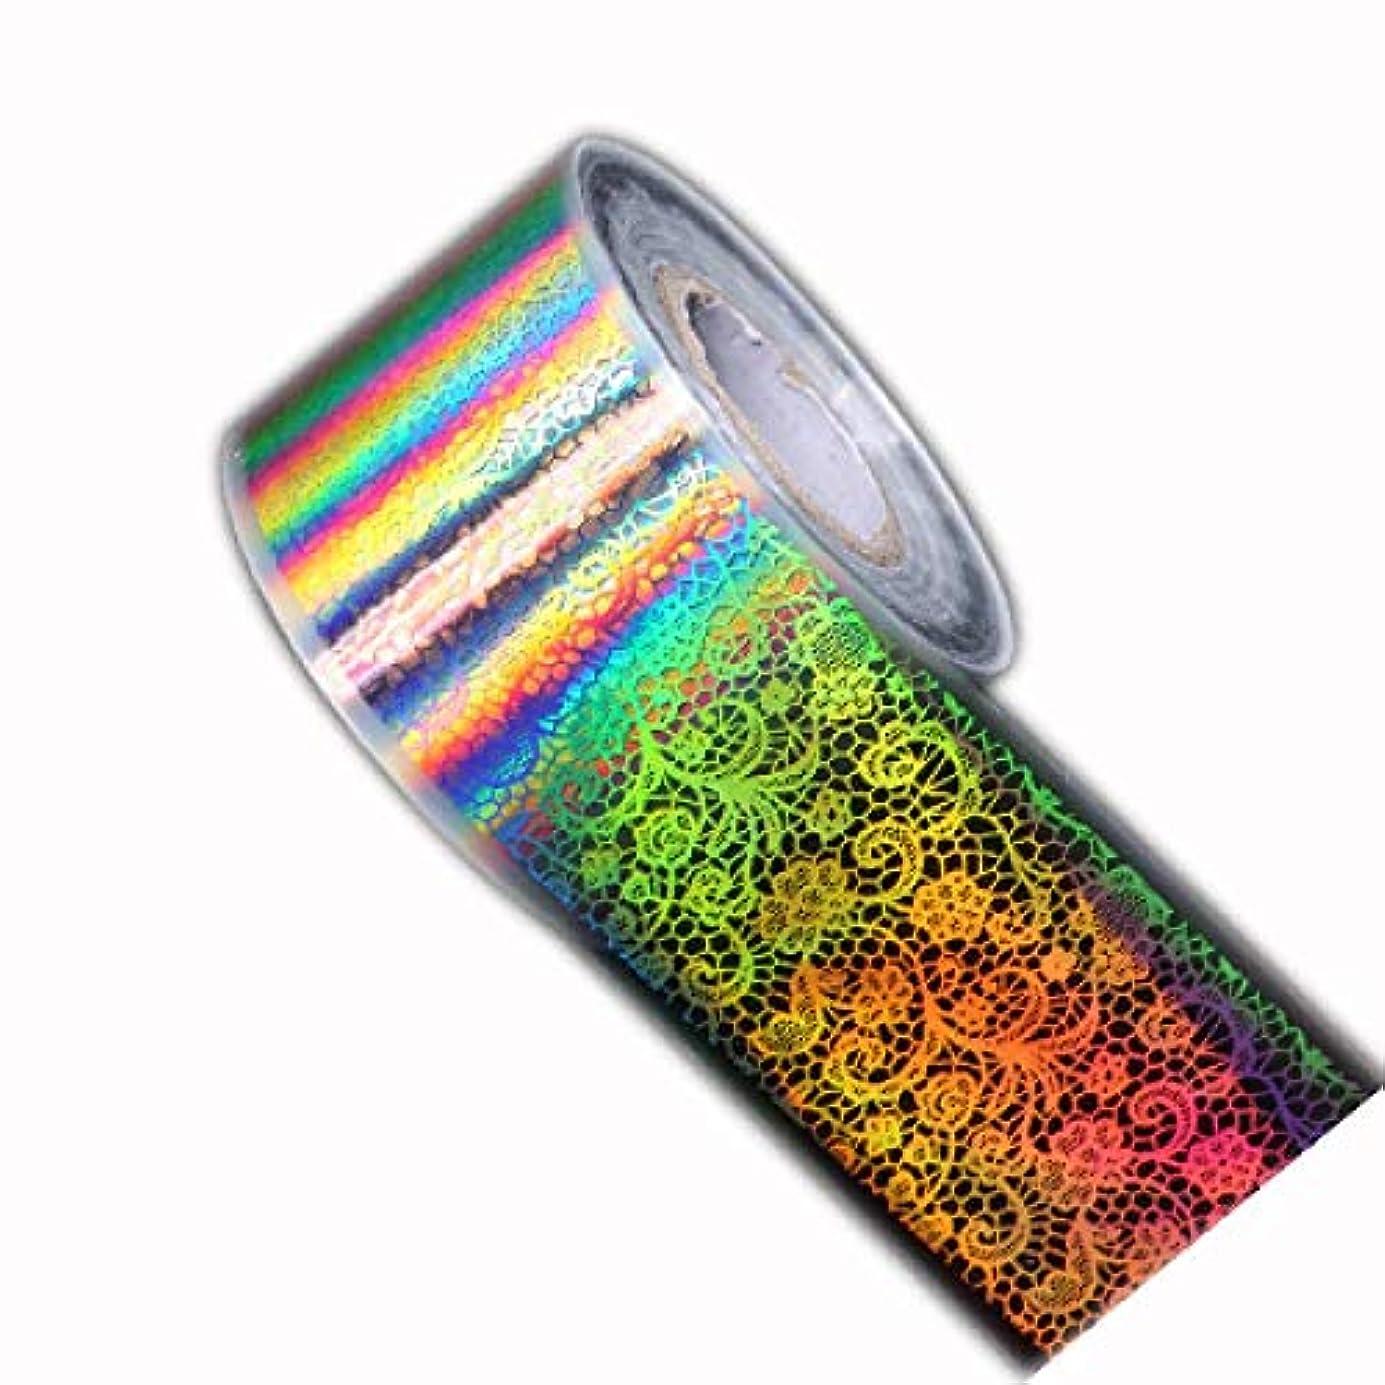 ただドキュメンタリーメールを書くSUKTI&XIAO ネイルステッカー 120M * 4Cm 1ロールホログラフィックネイル箔レーザーフラワーネイルアート転写箔星空転写ステッカー紙、赤